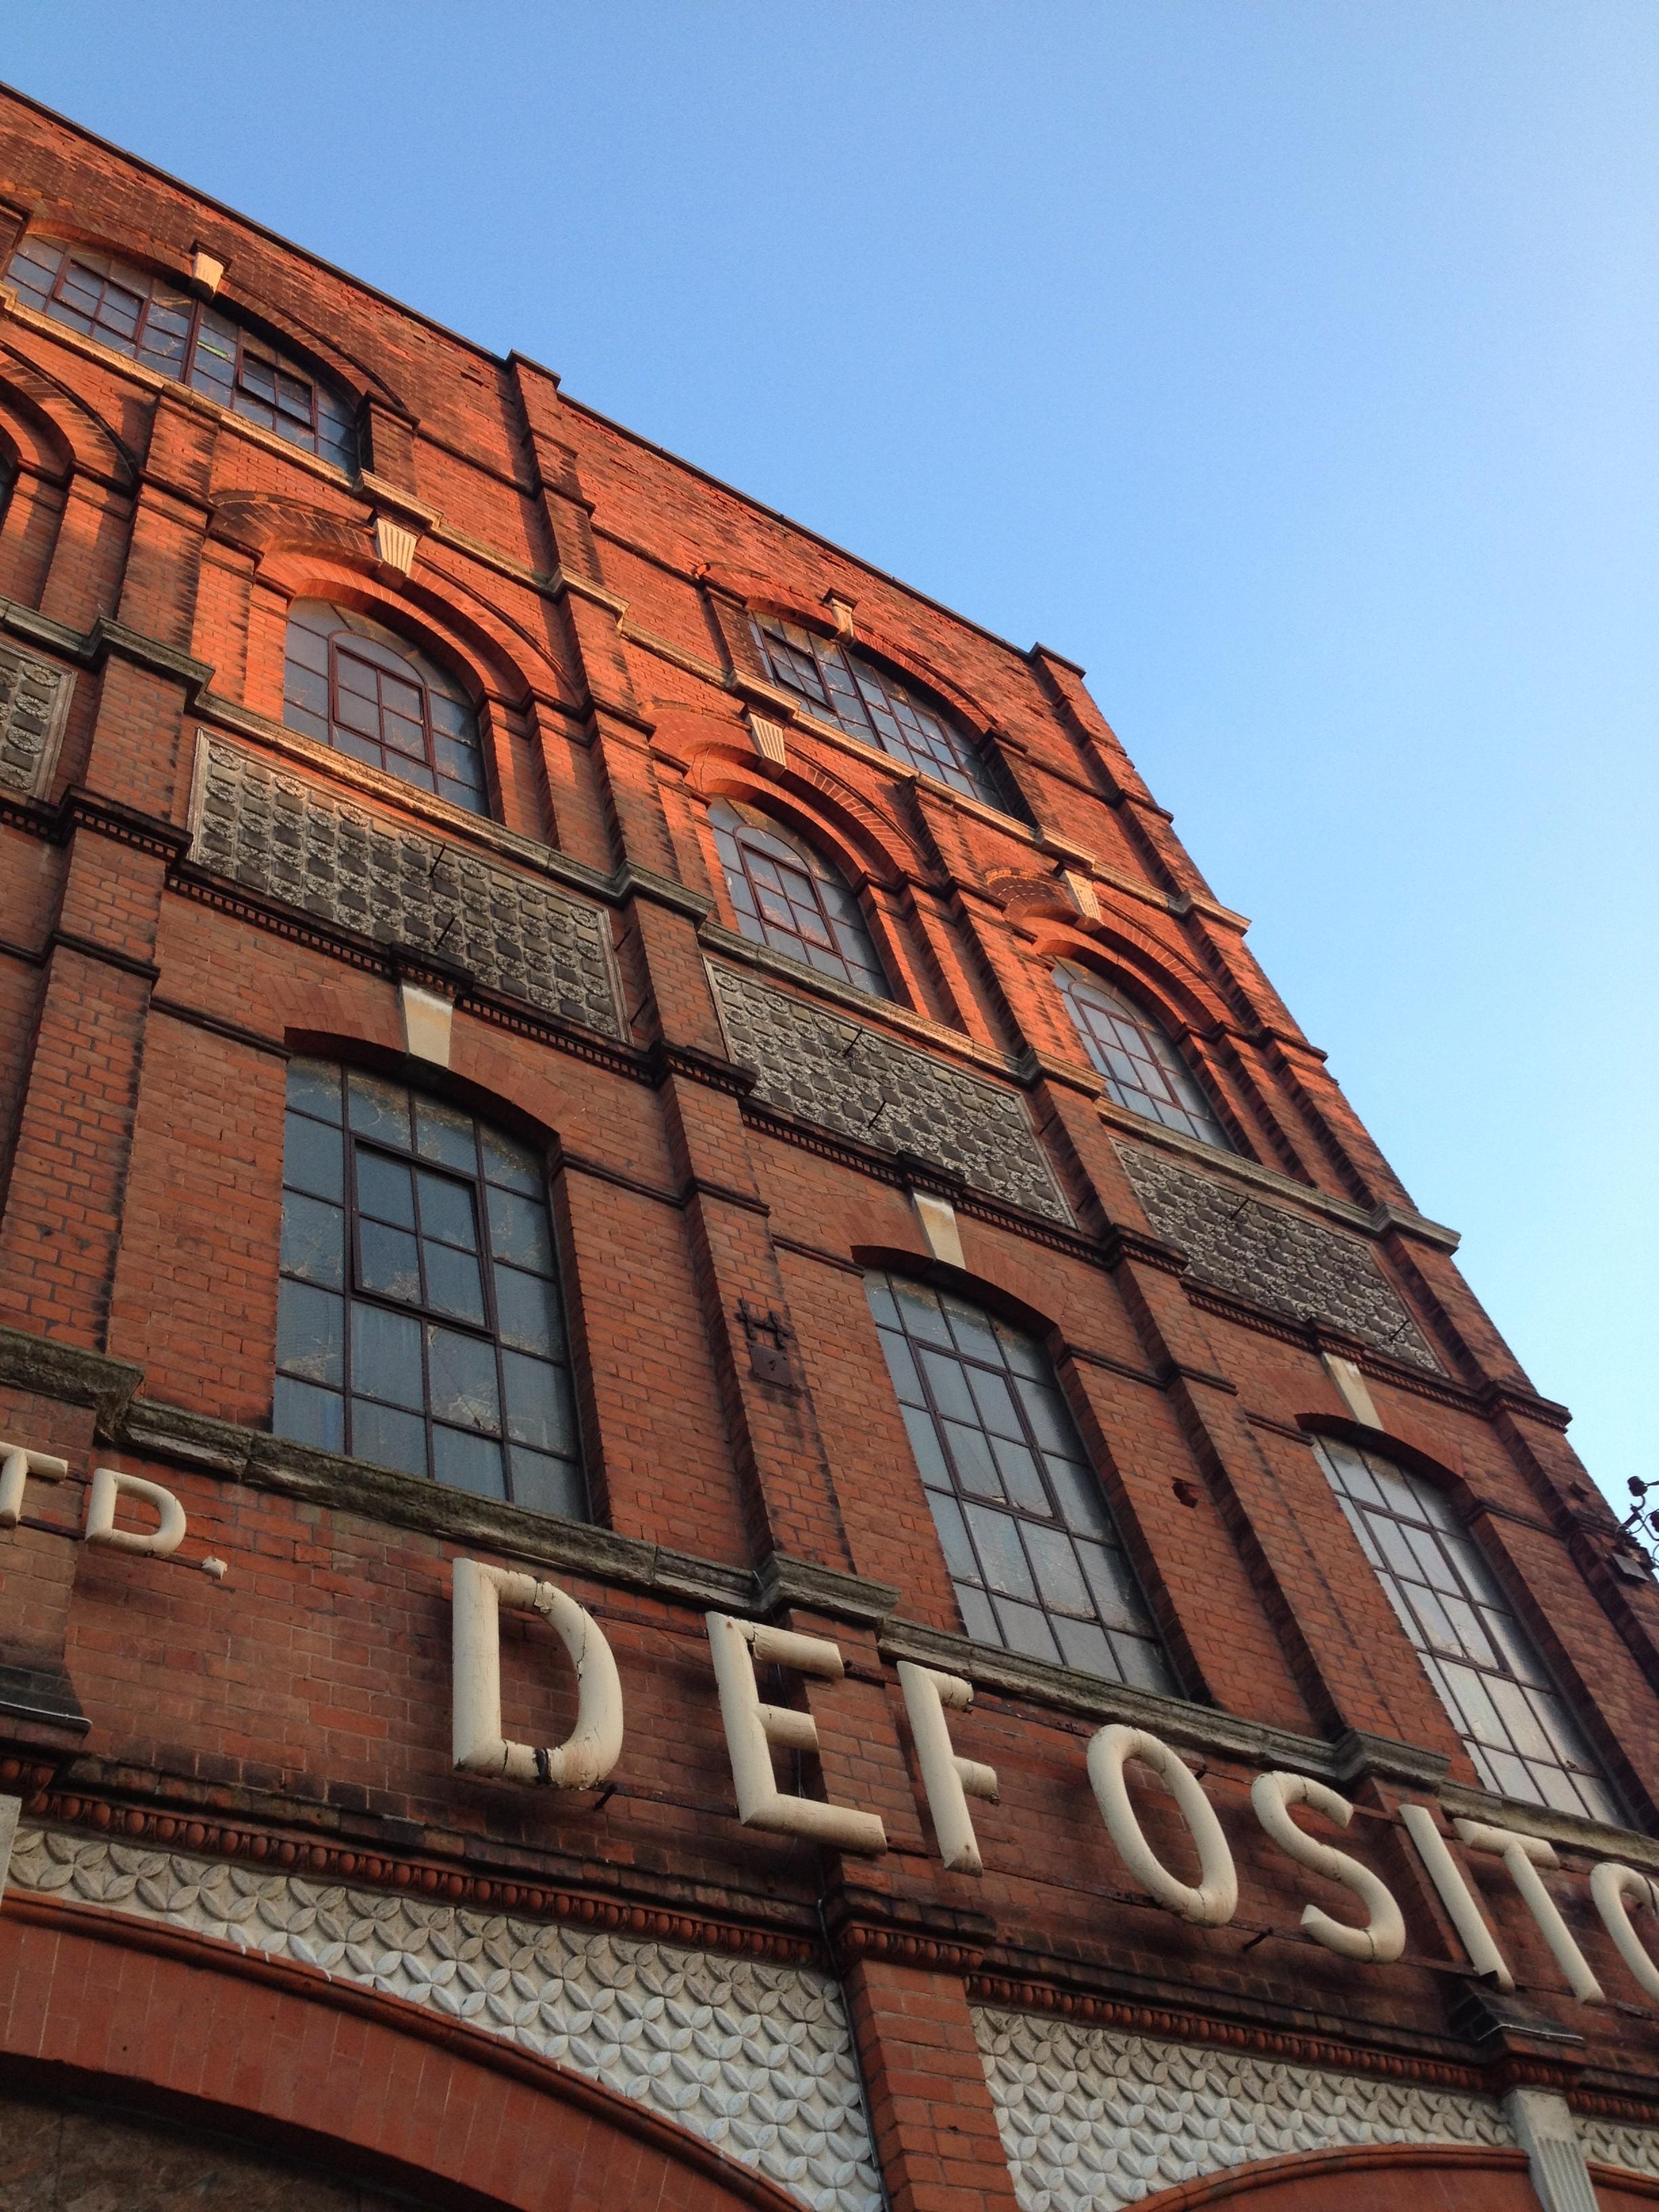 Pettmans building